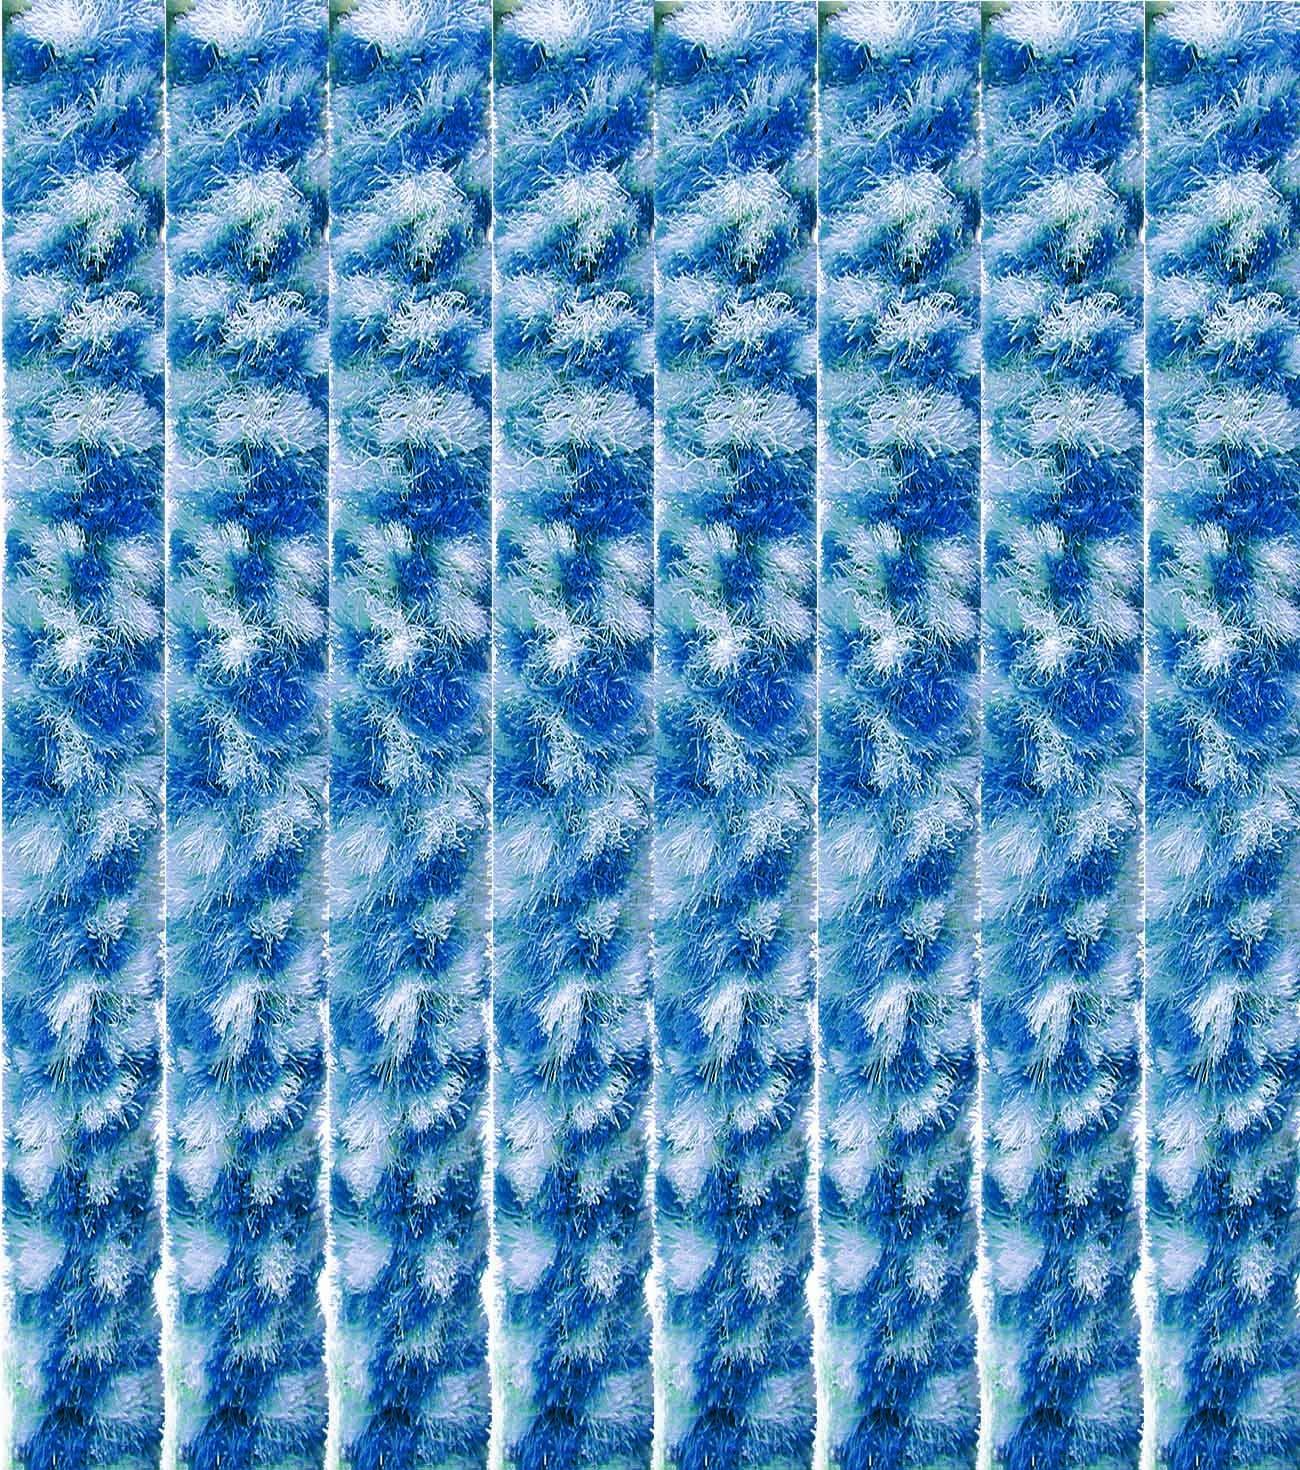 Arsvita Flausch-Vorhang, viele viele viele Variationen, Größe  140x200 cm, Farbe  hellgrau-weiß B013I3NNAO Vorhnge f42ac9